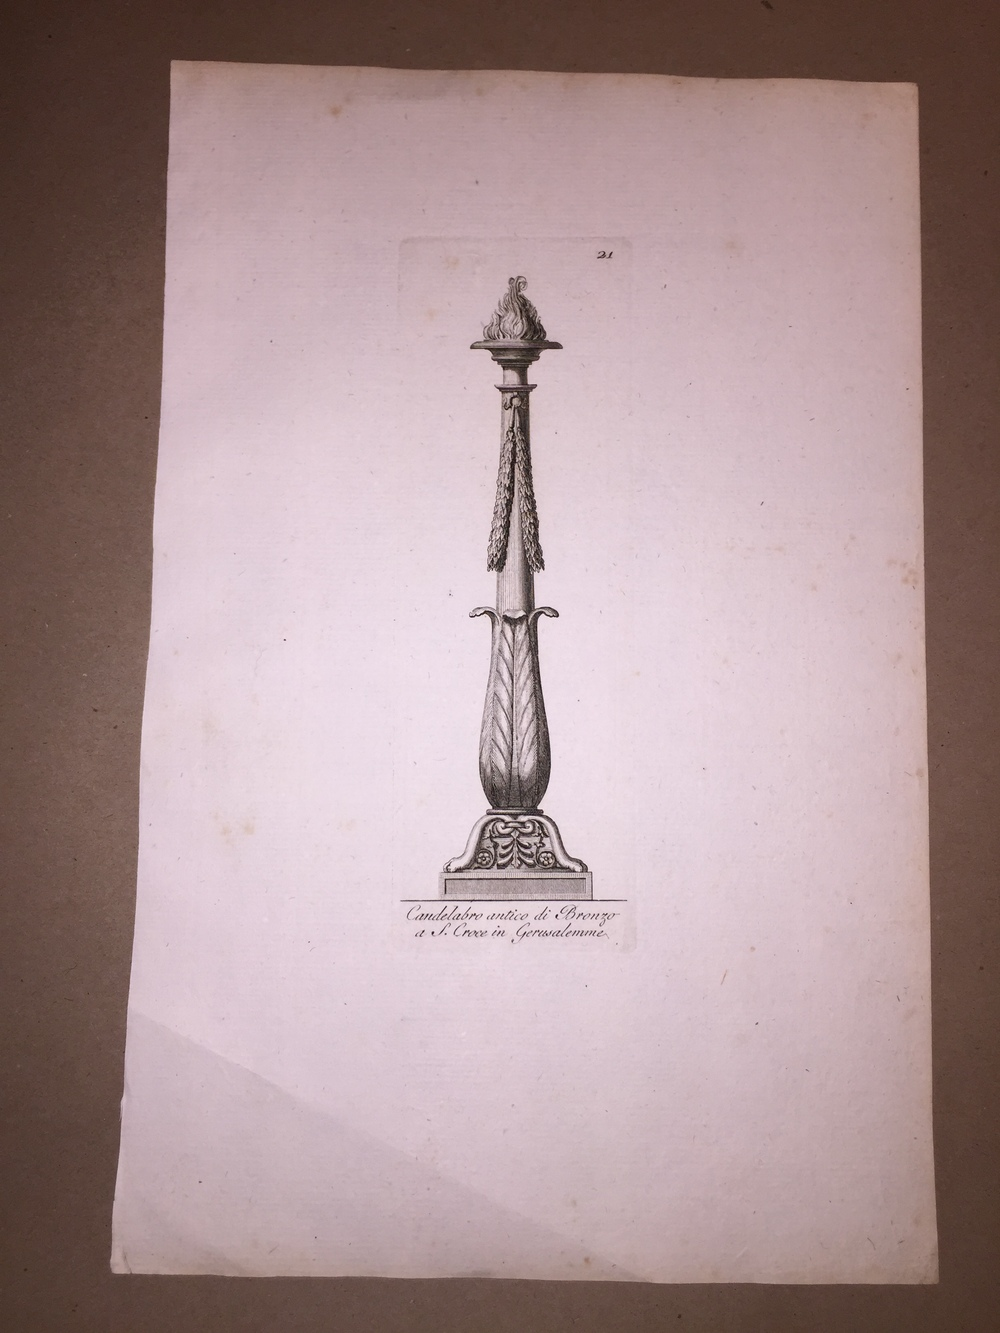 Henri Blondel (French Architect, 1821-1897)